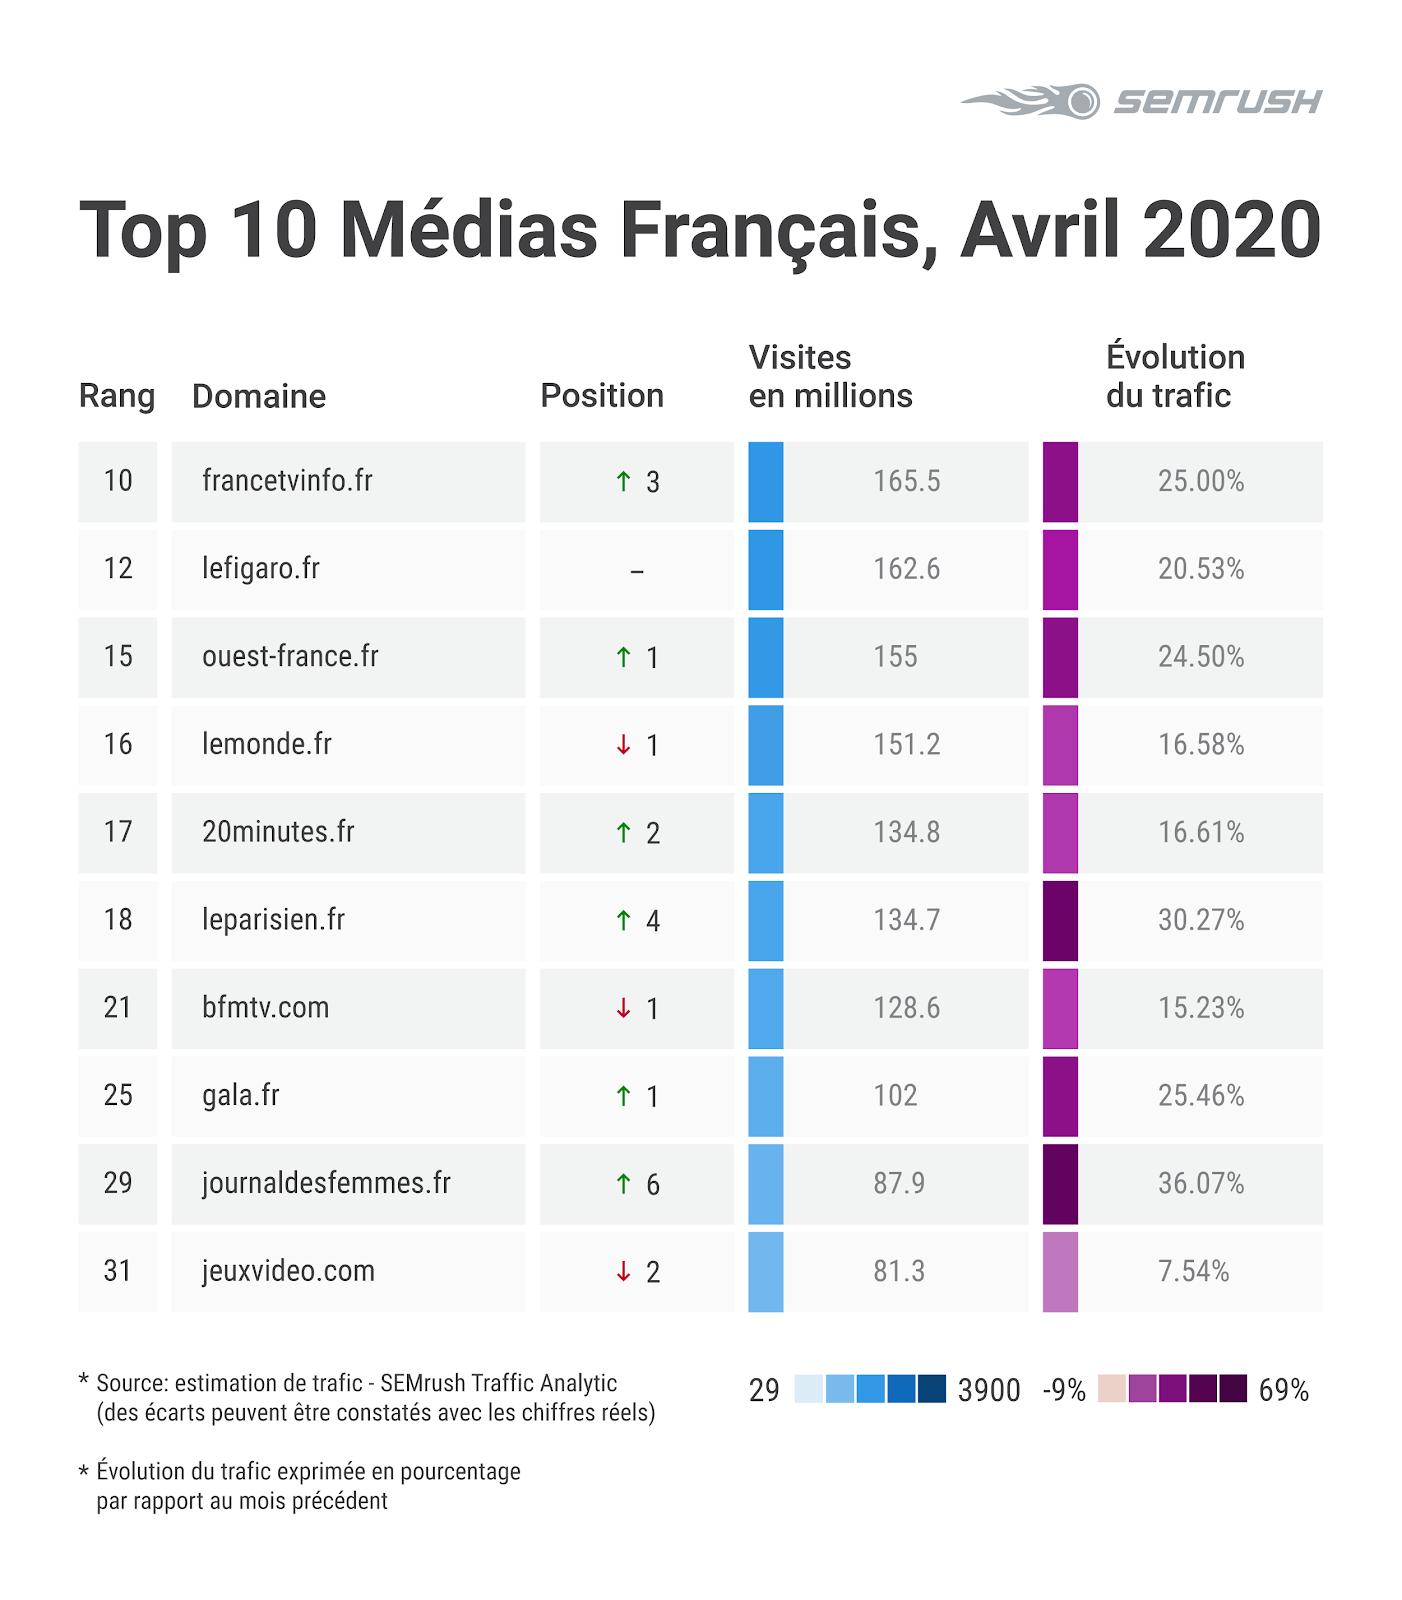 Top 10 des médias français en avril 2020